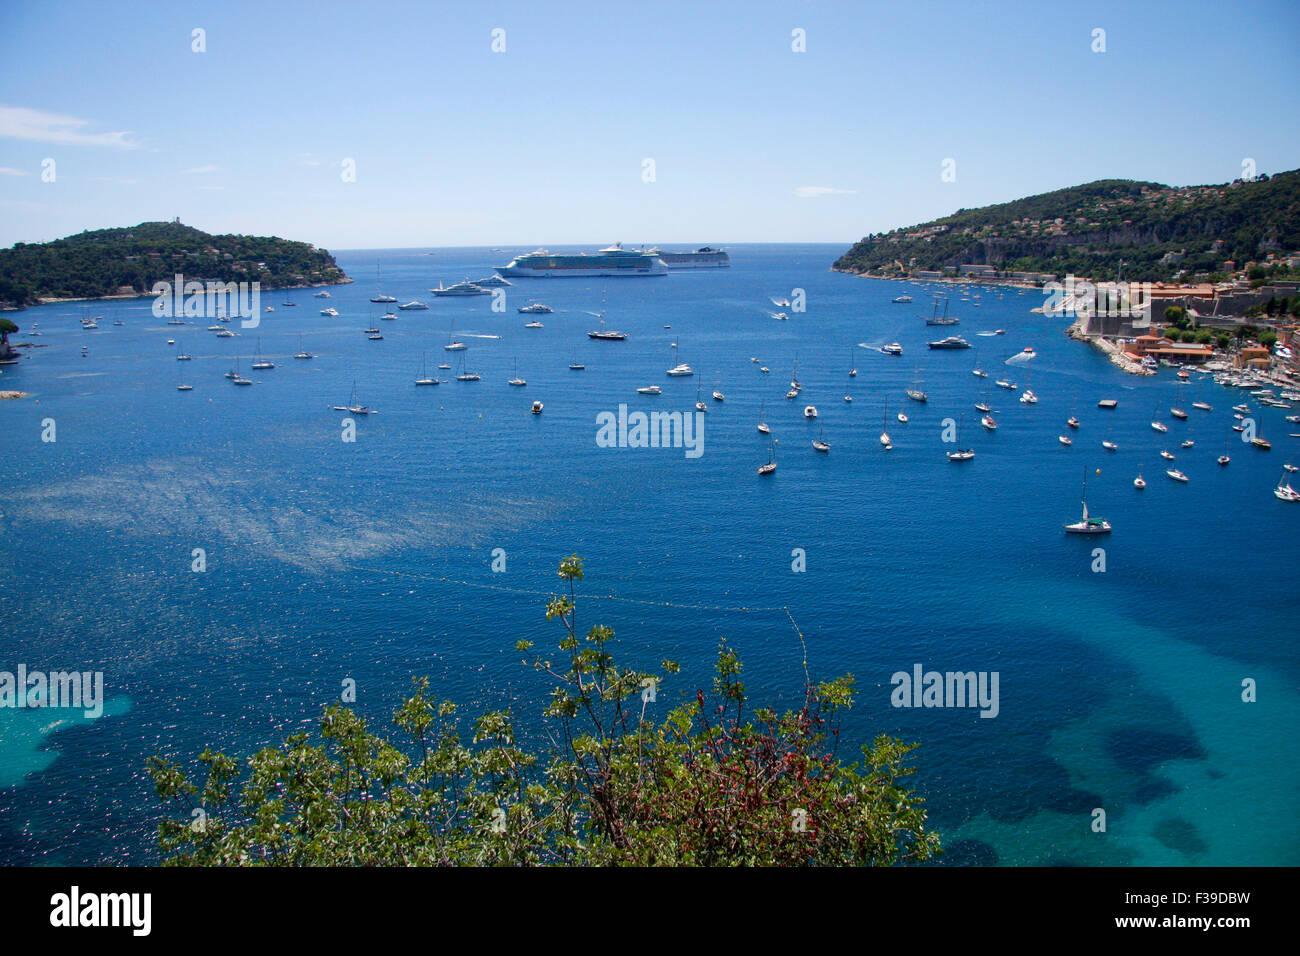 Villefranche sur Mer, Bucht, Mittelmeer, Cote d'Azur, Frankreich. - Stock Image